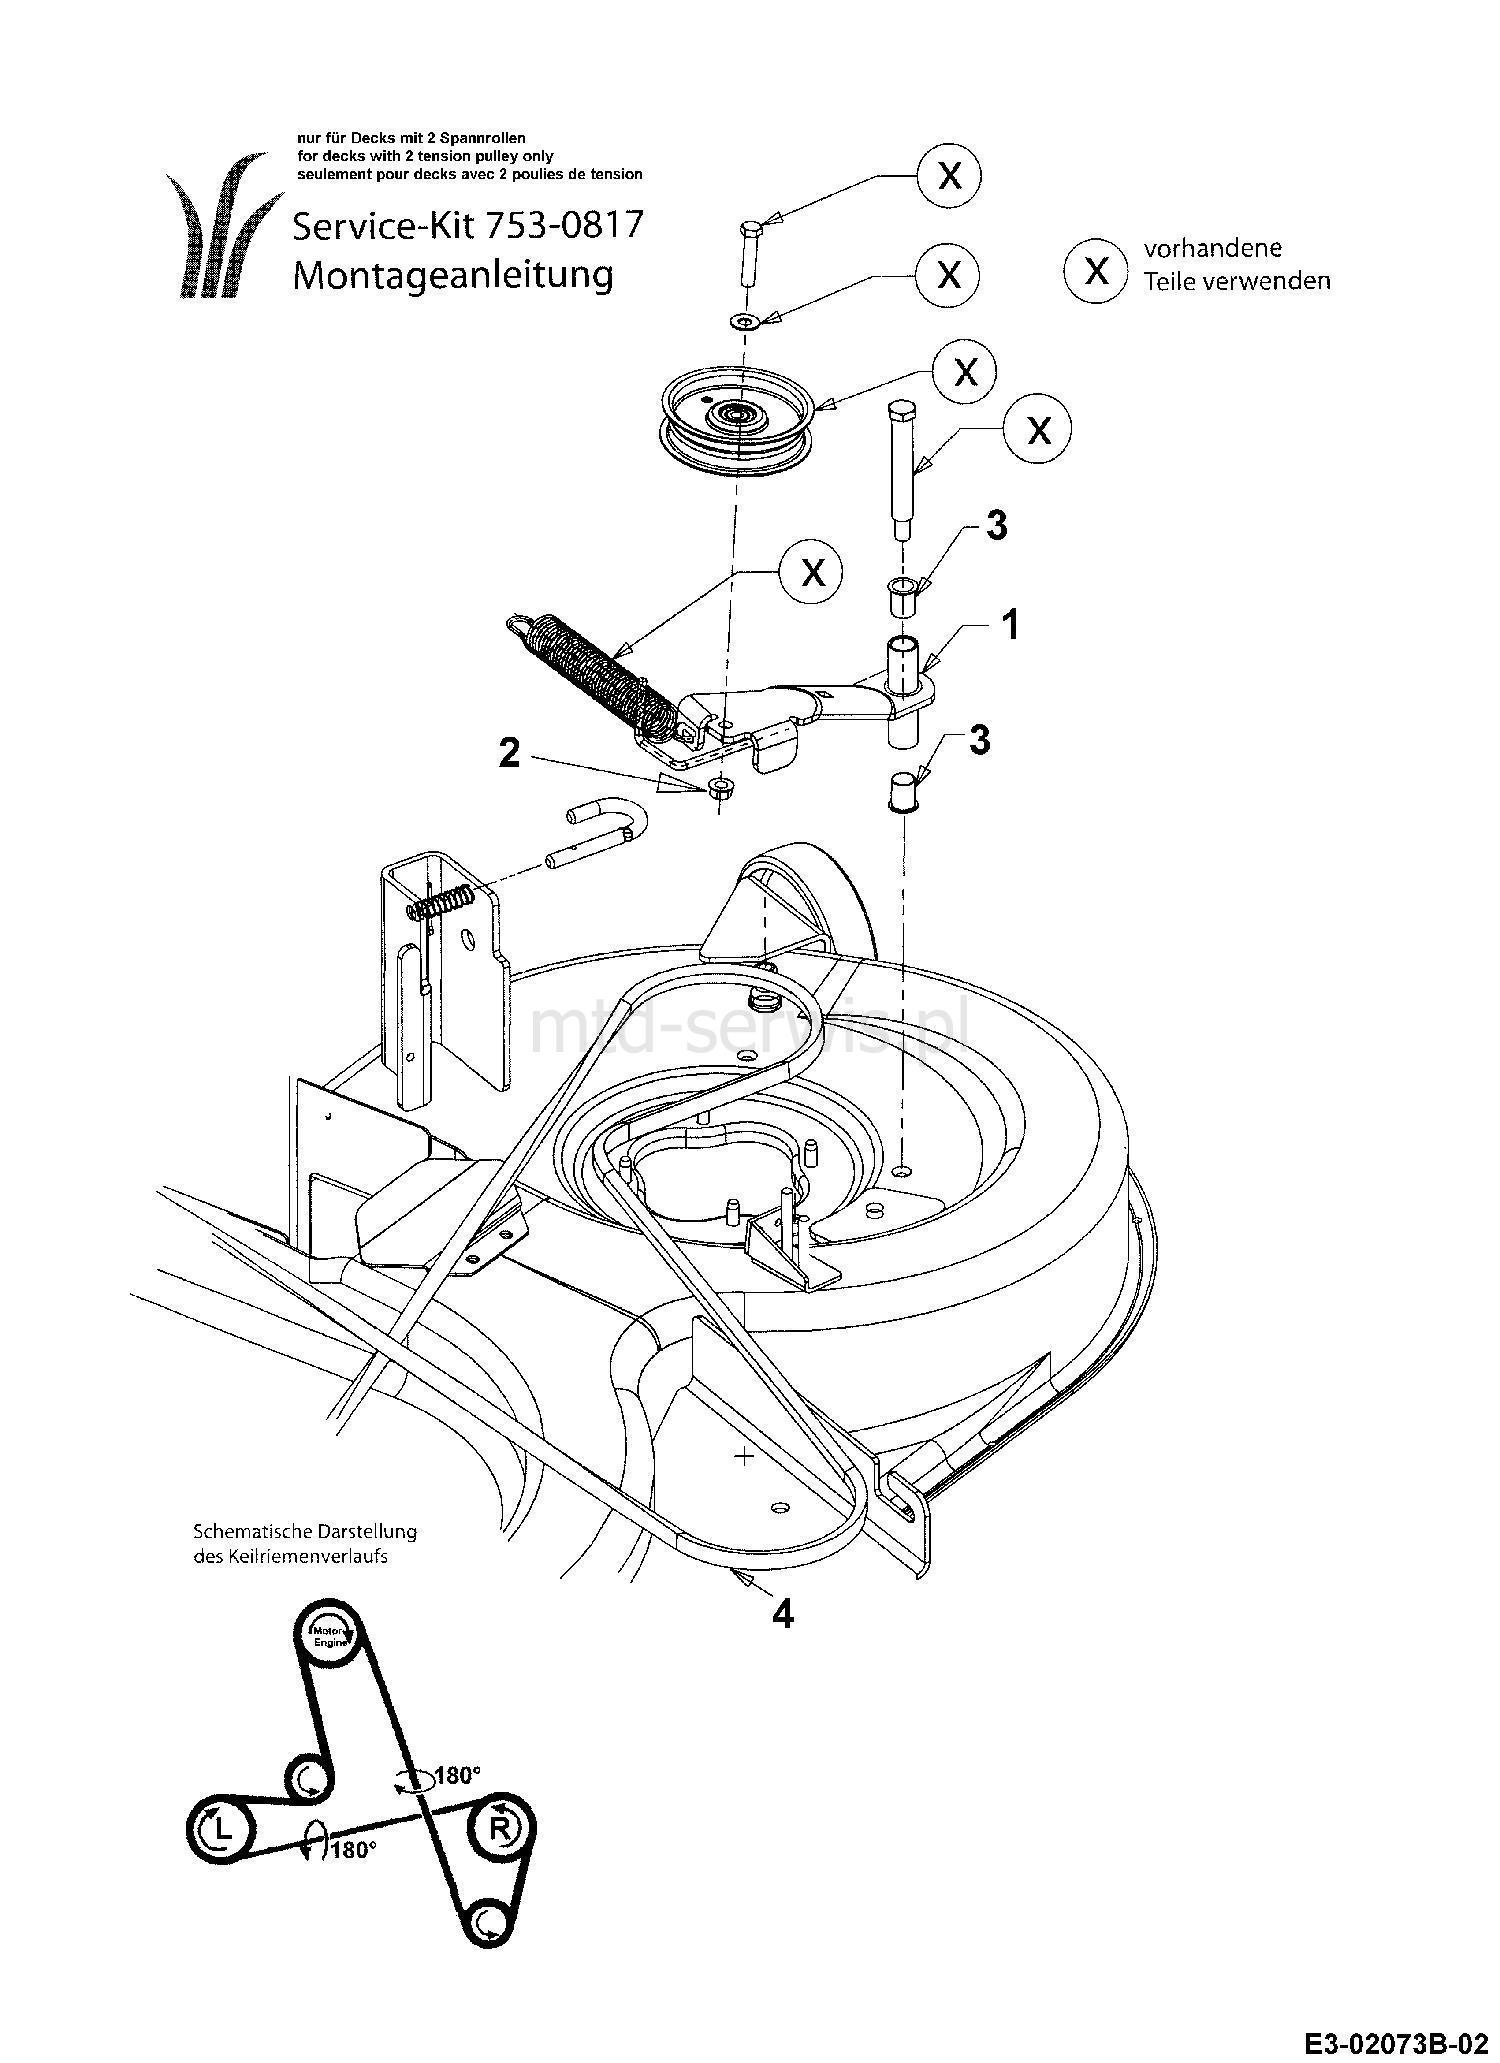 Poulan Chainsaw Fuel Line Diagram Furthermore Kia Optima 2003 Fuel